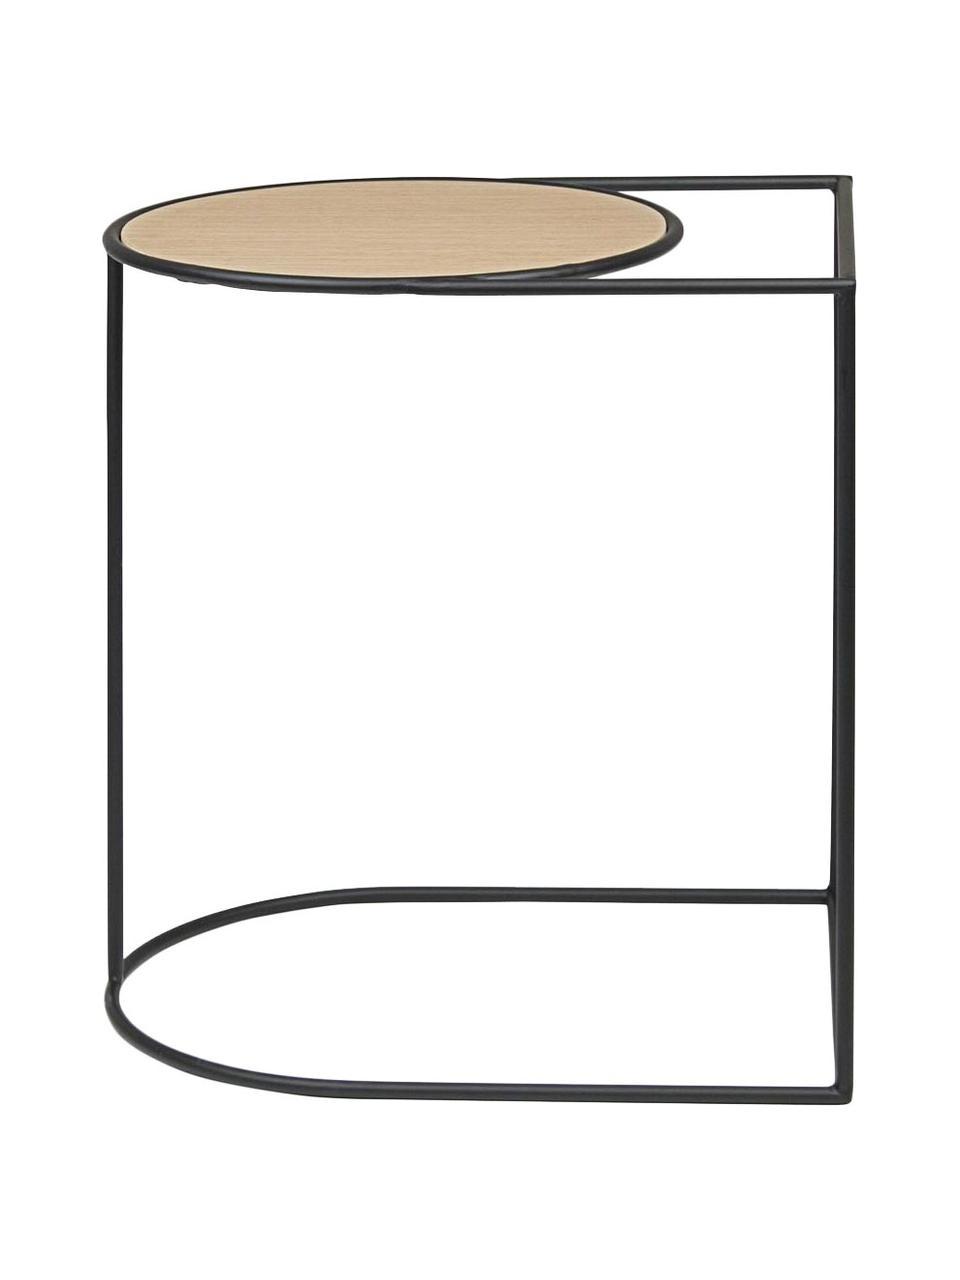 Stolik pomocniczy Everitt, Blat: płyta pilśniowa średniej , Stelaż: stal malowana proszkowo, Jasny brązowy, czarny, S 45 x G 35 cm